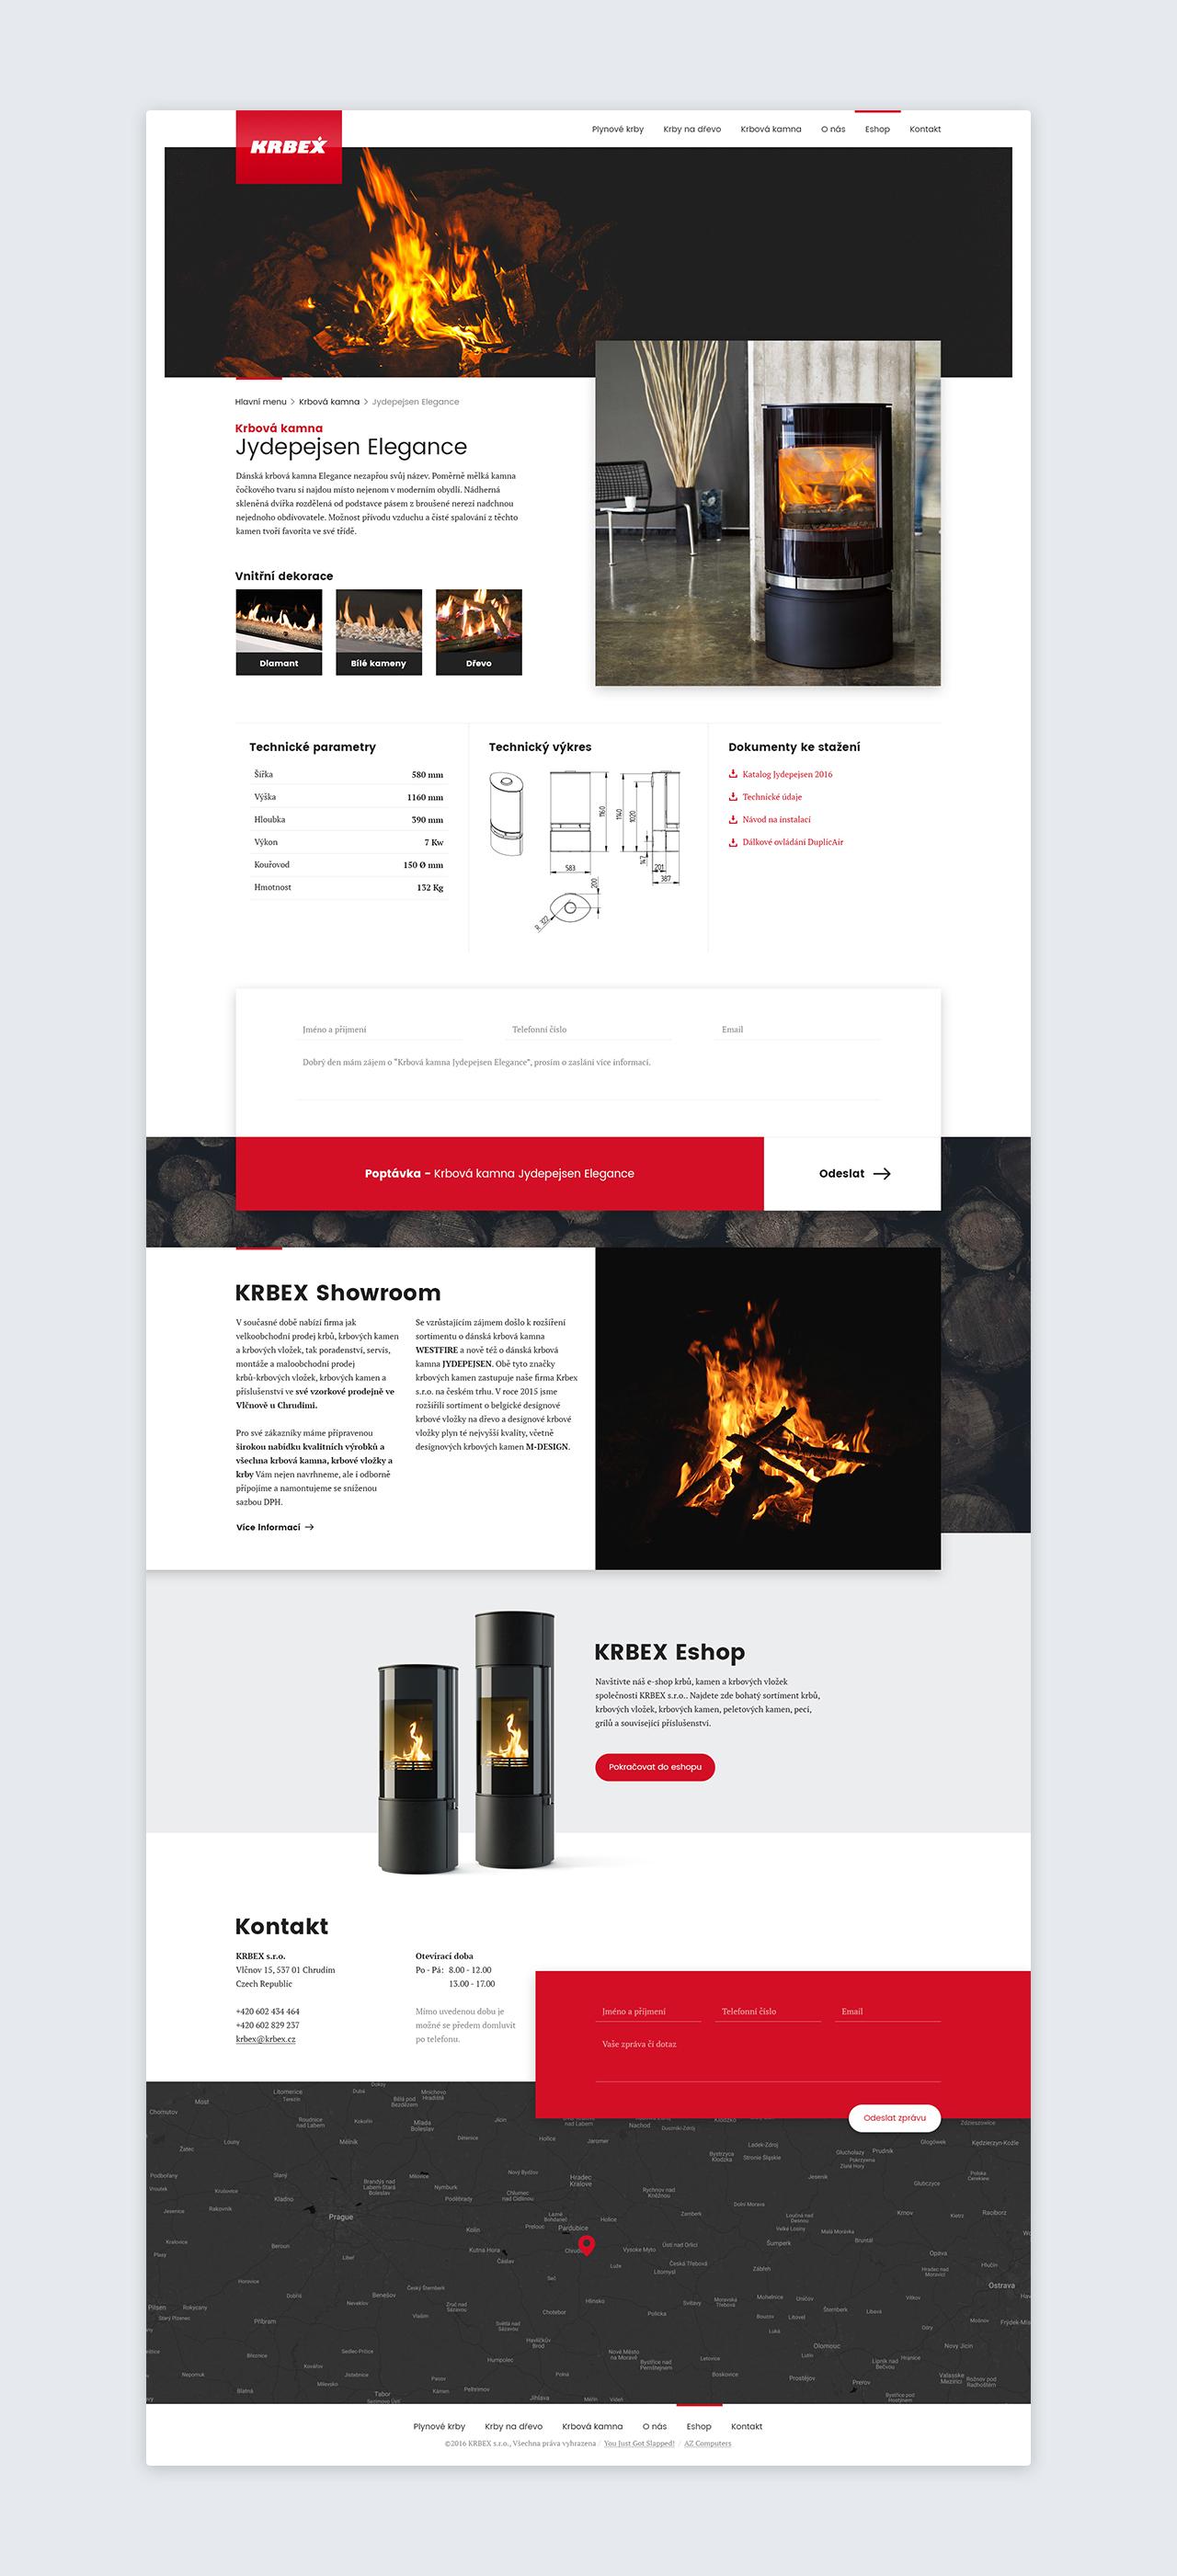 Krbex website